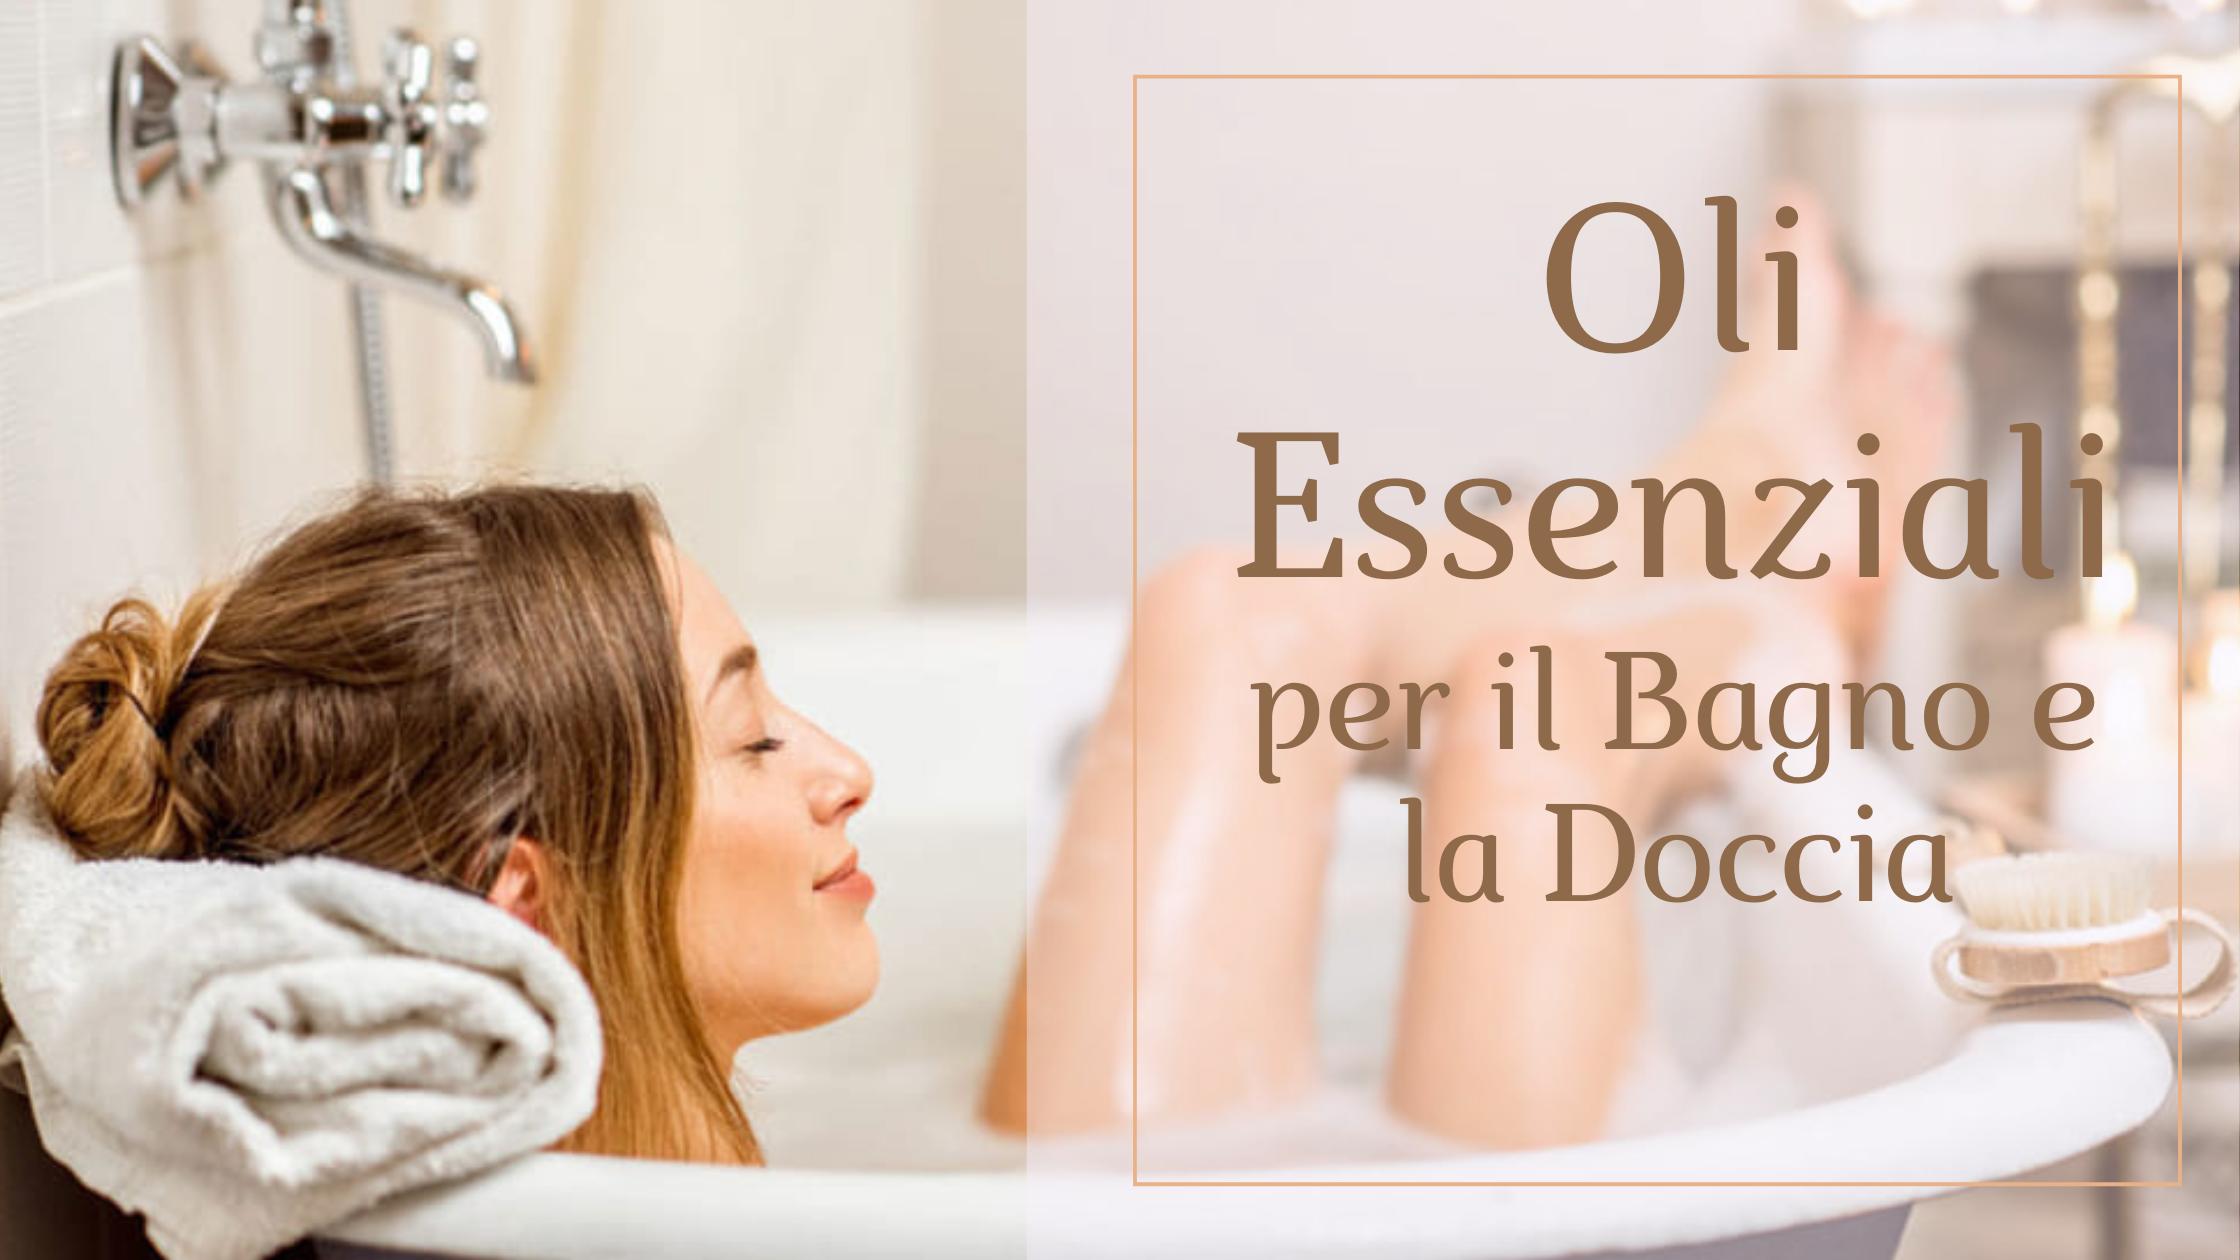 Oli Essenziali per il bagno e la doccia